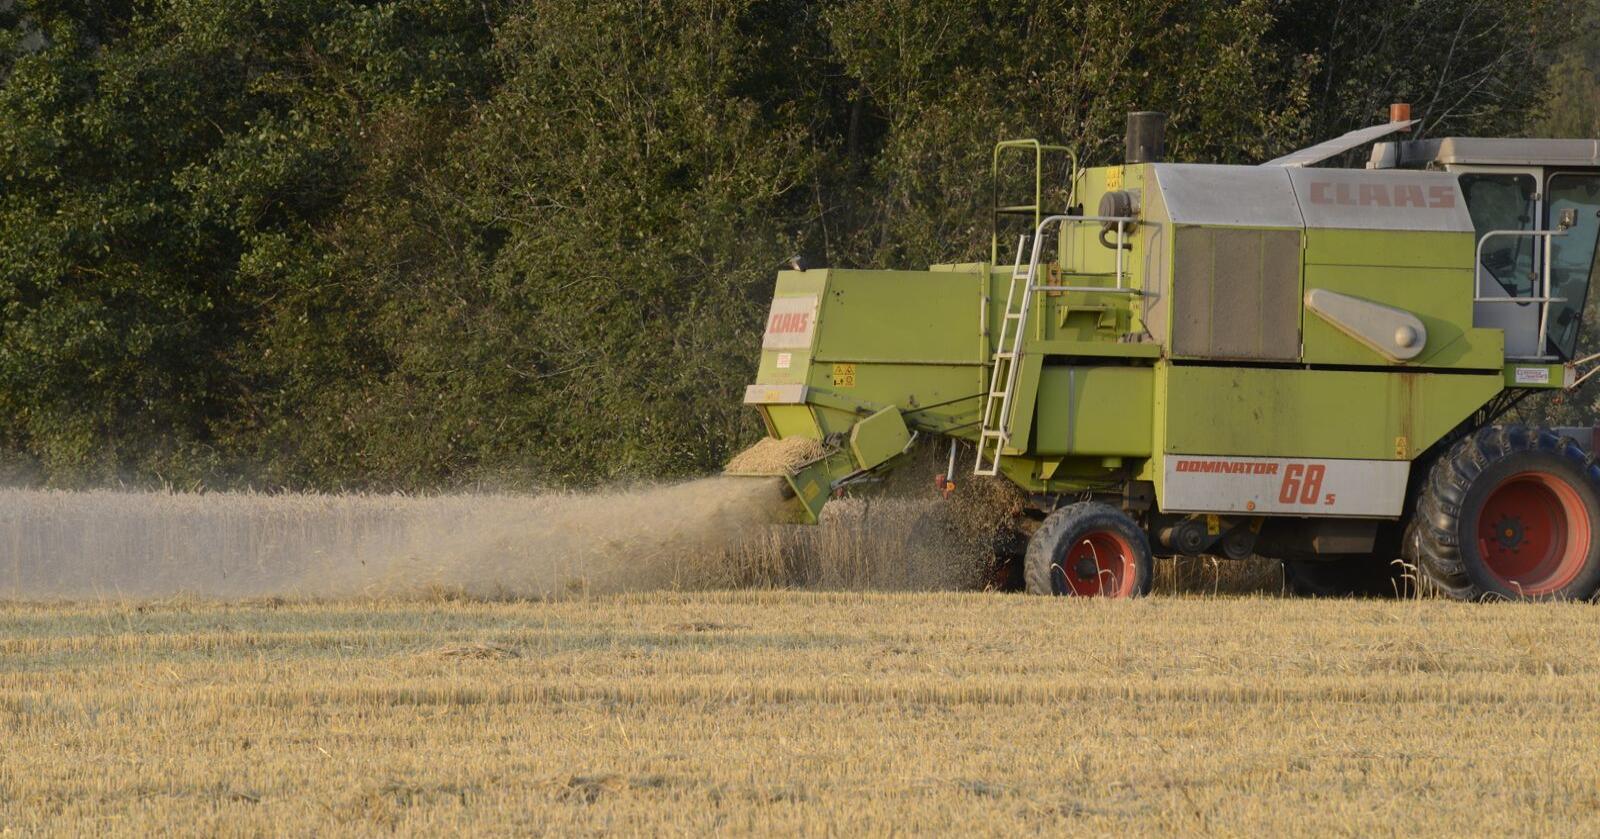 Én av måtene for å øke karbonfangsten, er å så raigras sammen med kornet. Tanken er da at graset ikke skal ha vokst alt for mye før kornet har blitt treska. Foto: Mariann Tvete